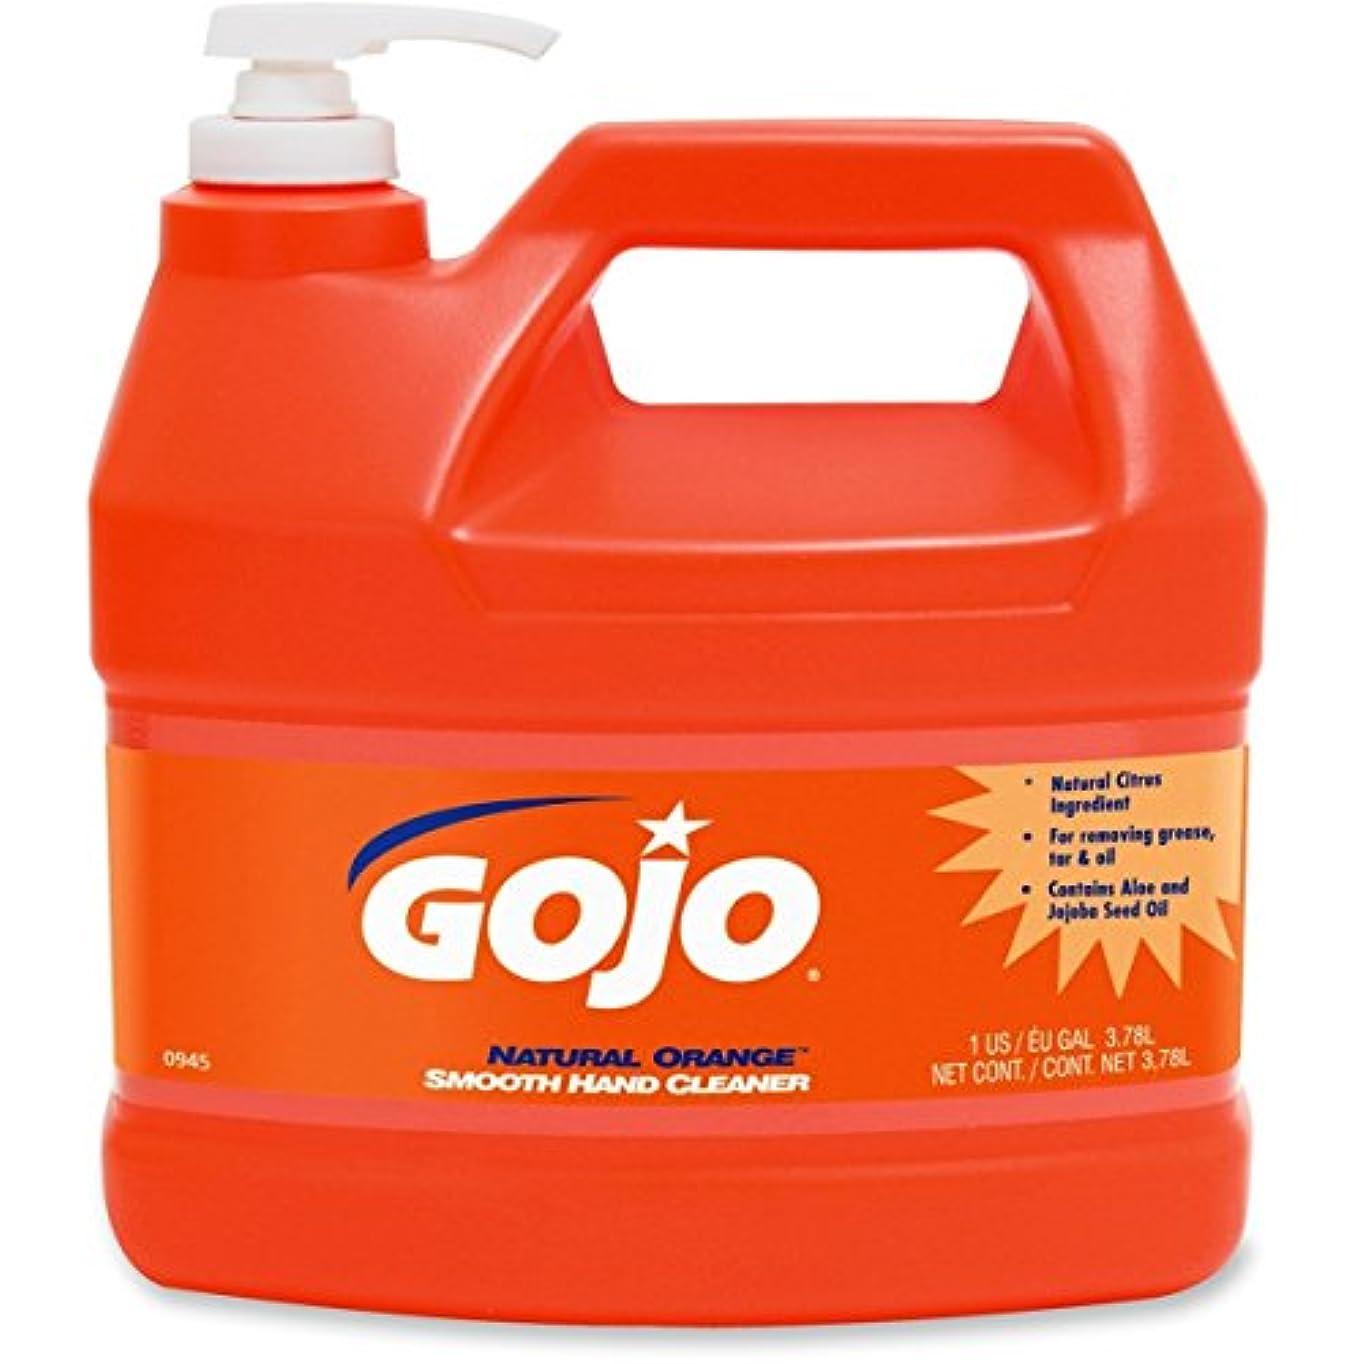 拒絶記憶カートンgoj094504 – GOJOナチュラルオレンジSmooth heavy-duty Hand Cleaner